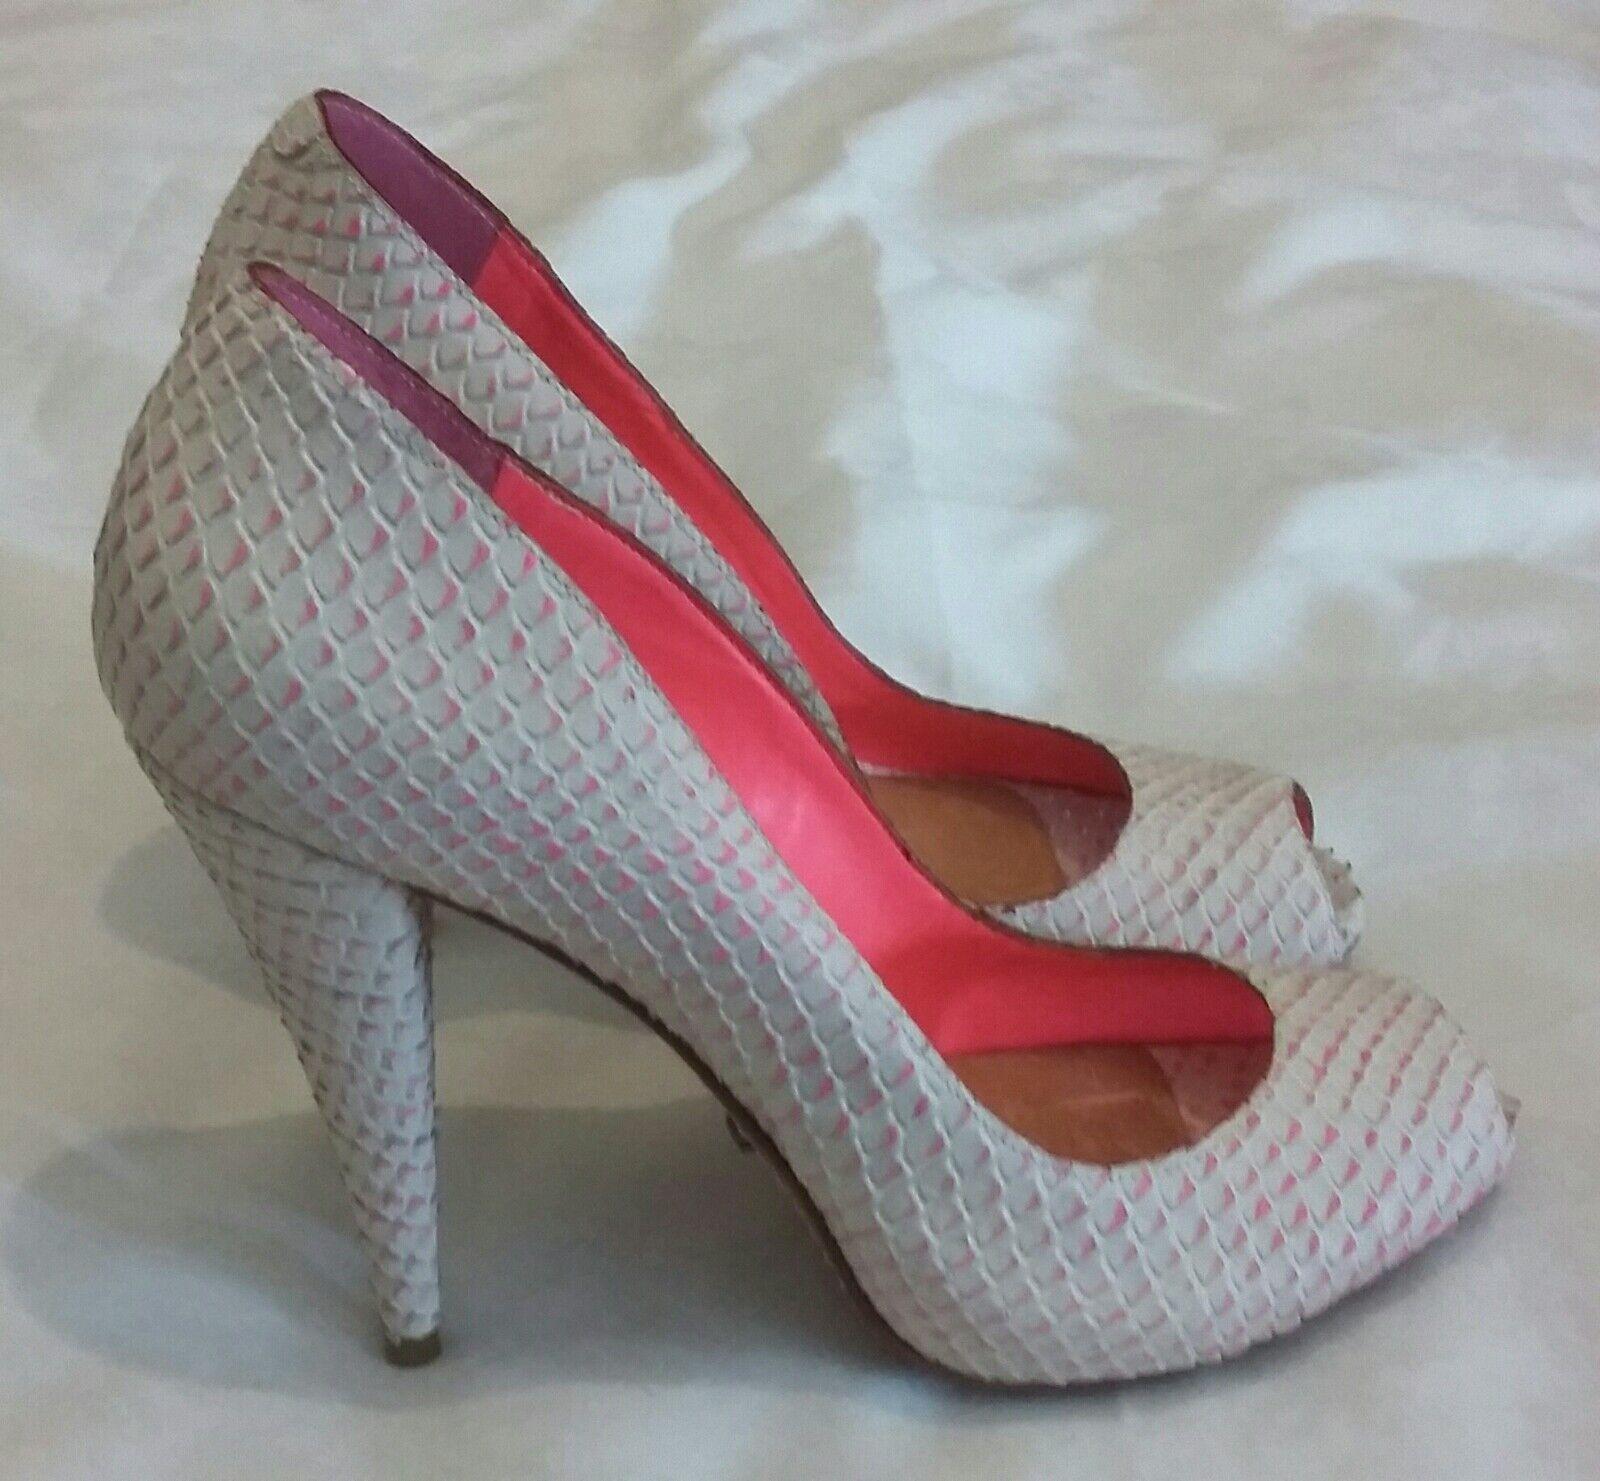 Moda barata y hermosa Schutz parche de cuero en relieve en Bombas Zapatos Tacón Alto Punta Abierta Rosa